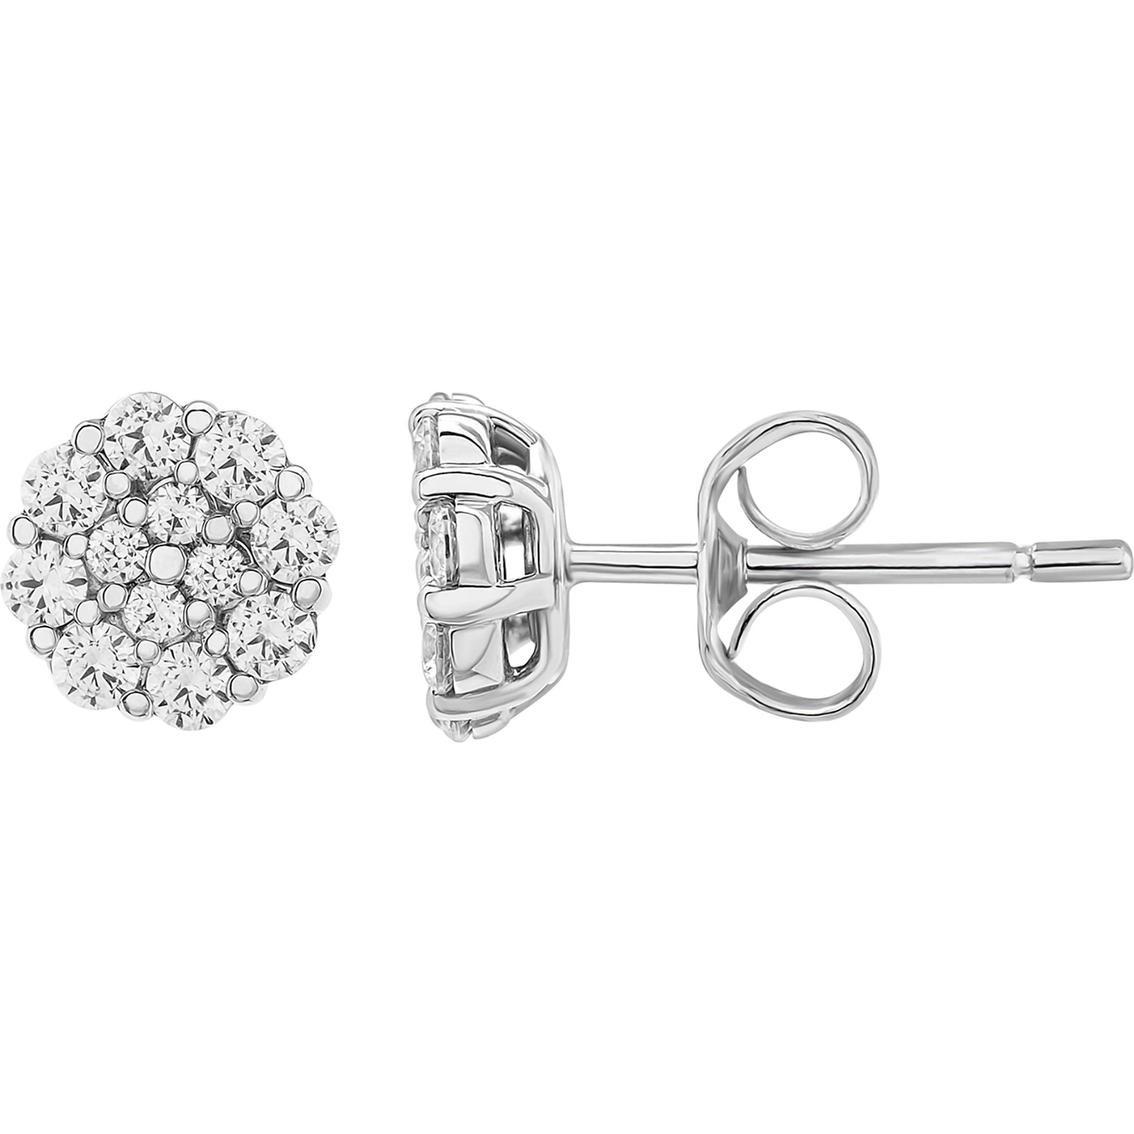 10k White Gold 1 2 Ctw Diamond Cluster Stud Earrings